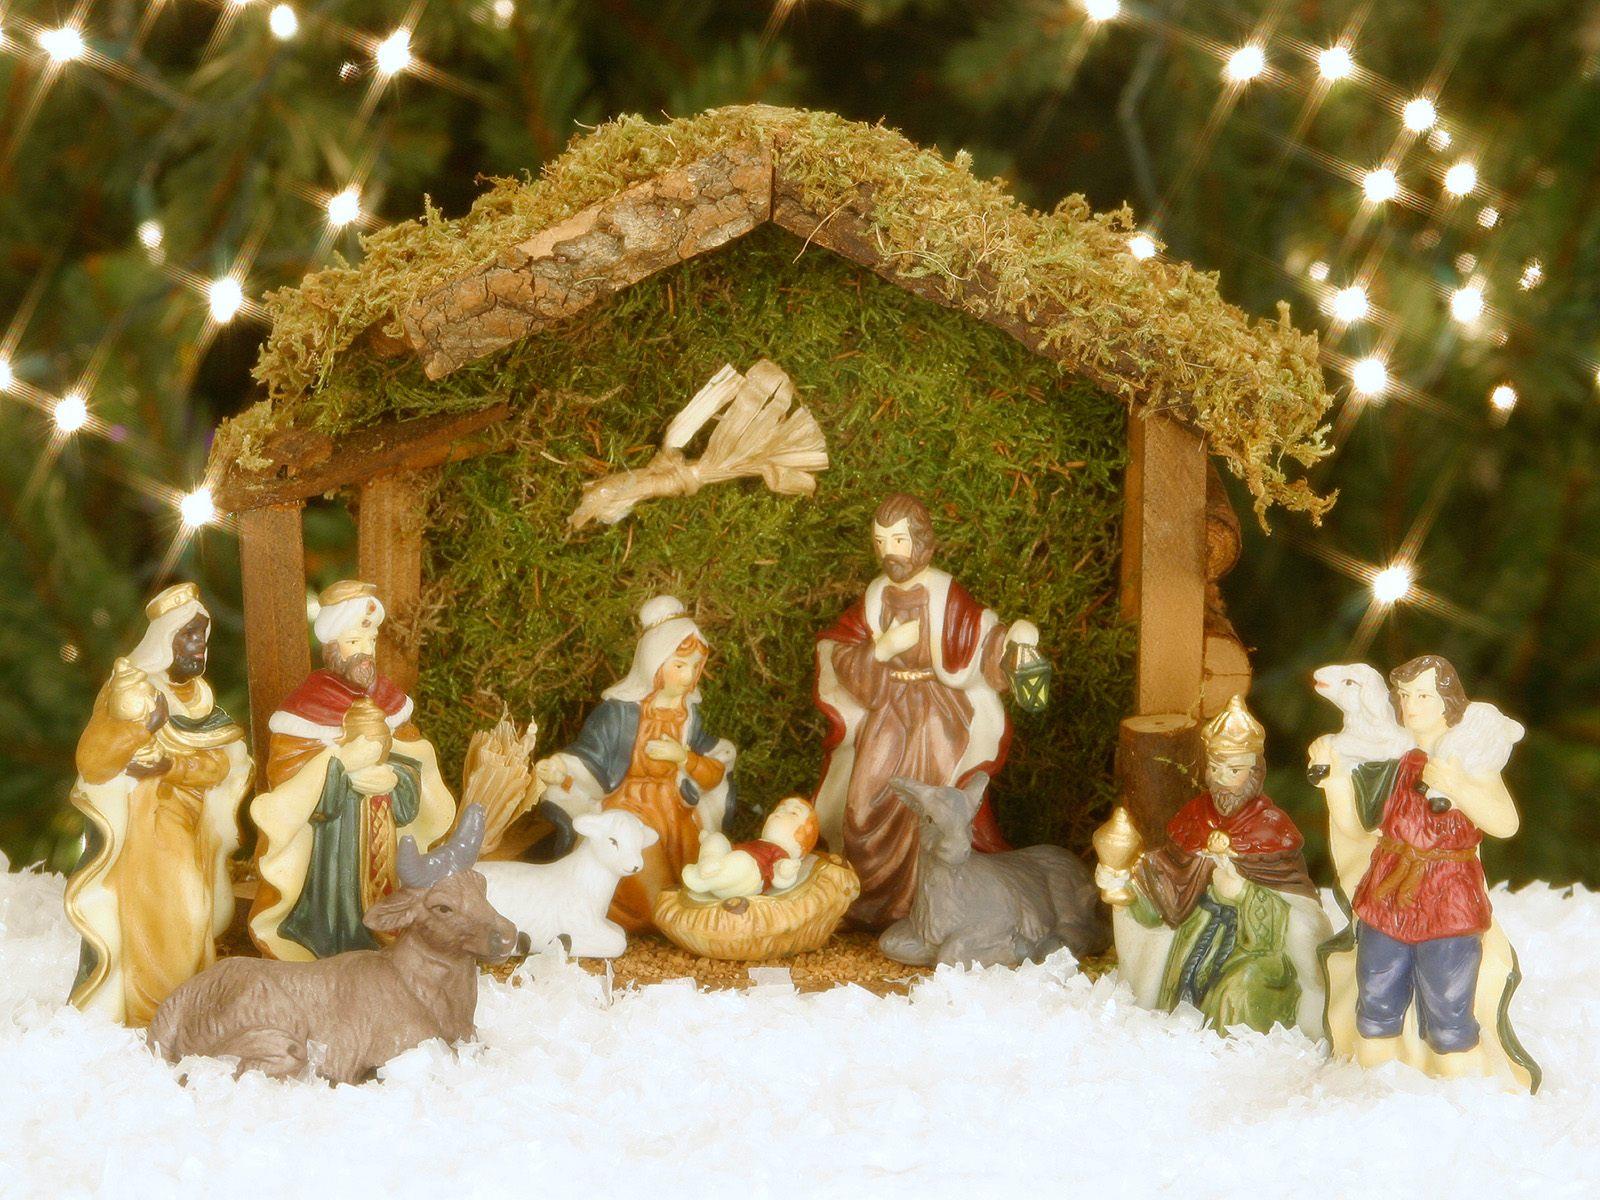 http://1.bp.blogspot.com/_SqmdoYGo_GU/TPiu4aoYNzI/AAAAAAAACic/fYxmCM6Haf8/s1600/Christmas%20%2812%29.jpg